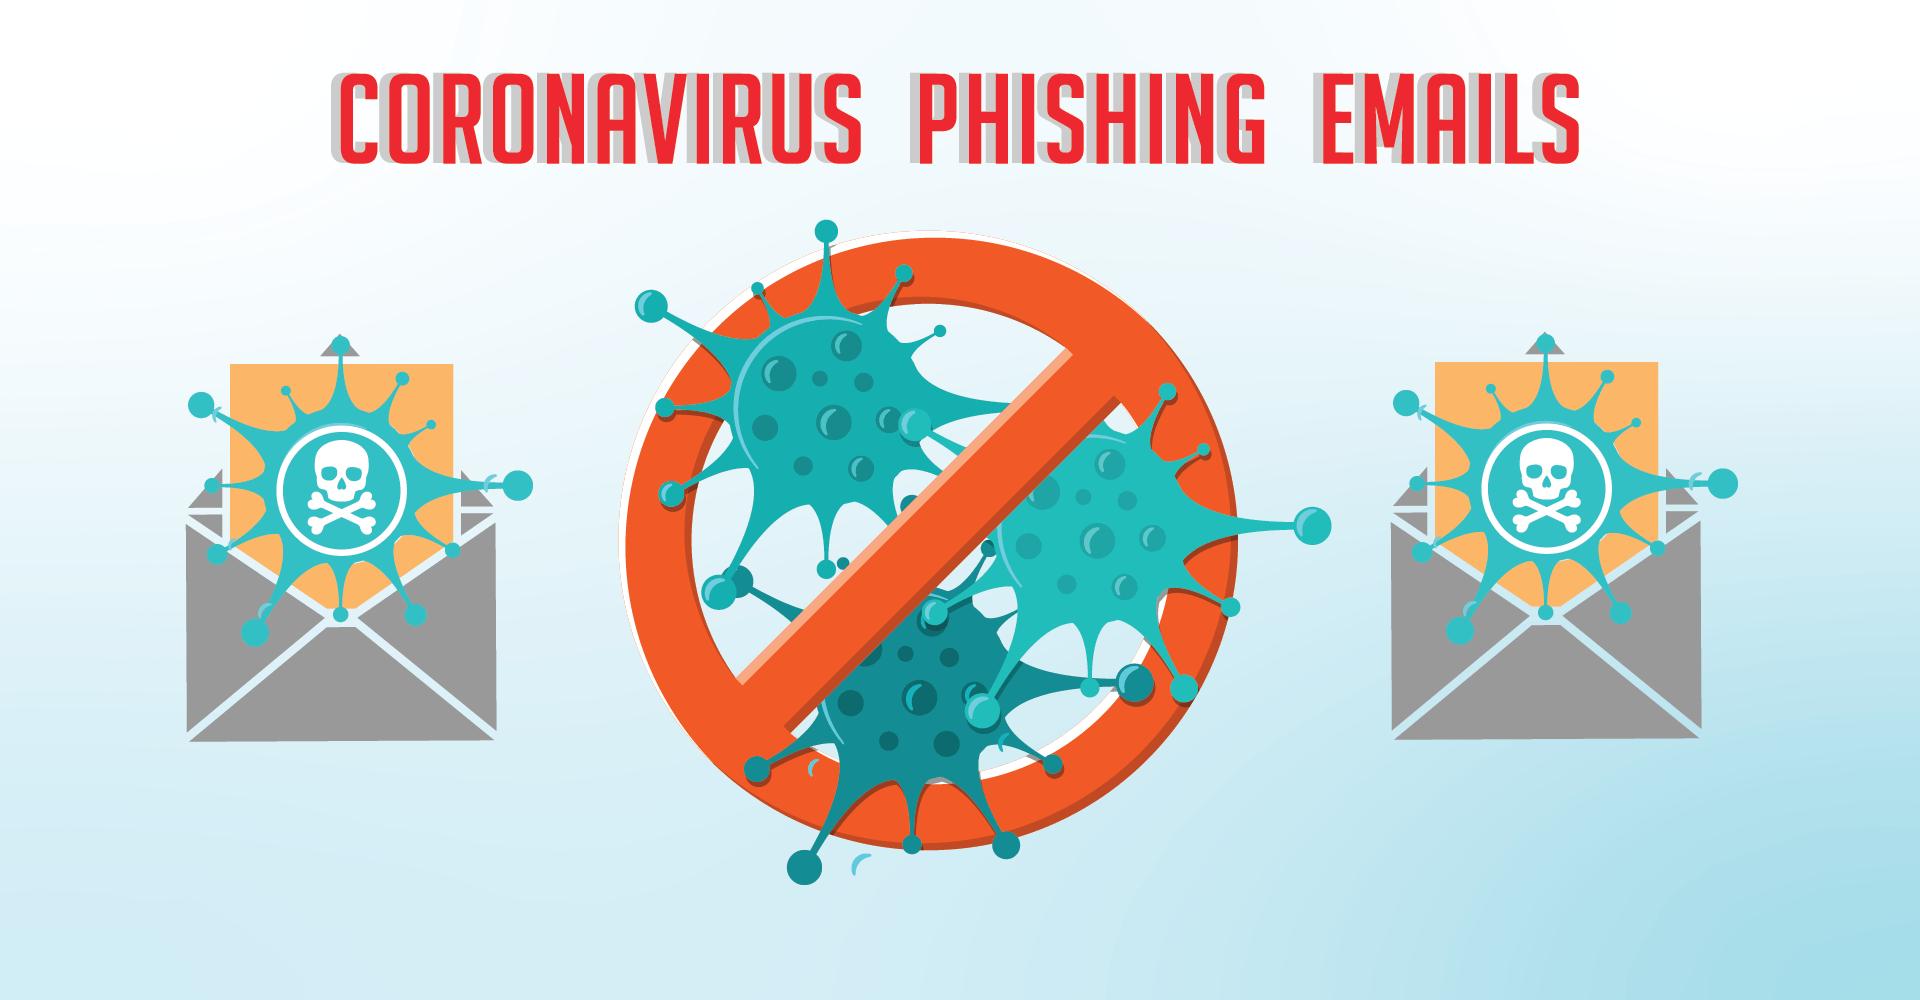 Coronavirus Phishing Emails